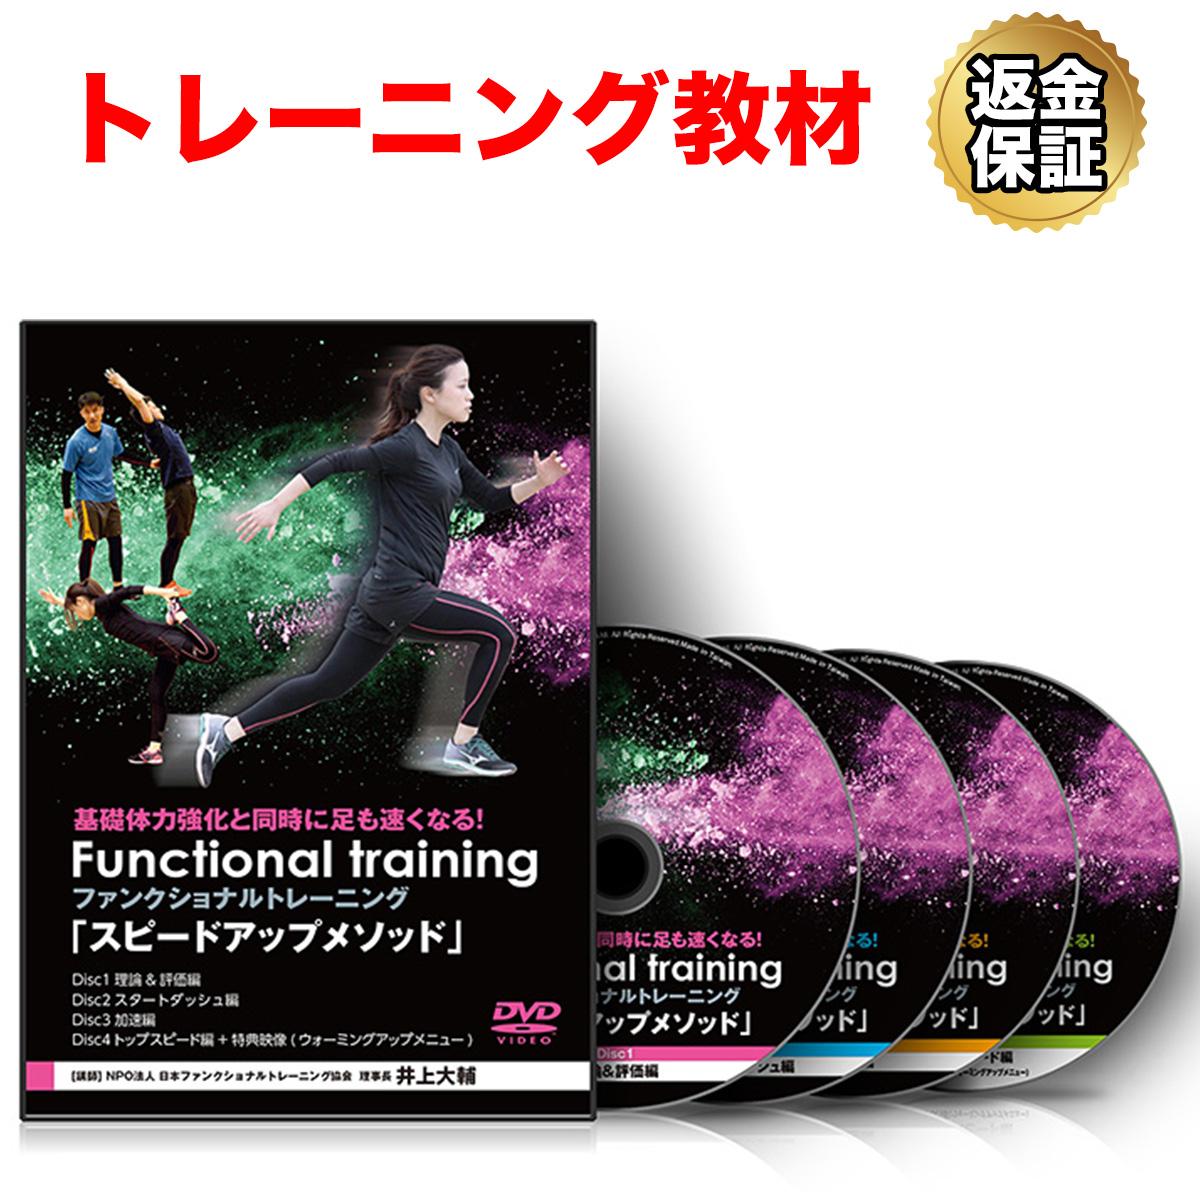 トレーニング 教材 DVD 基礎体力と同時に足も速くなる!ファンクショナルトレーニング「スピードアップメソッド」